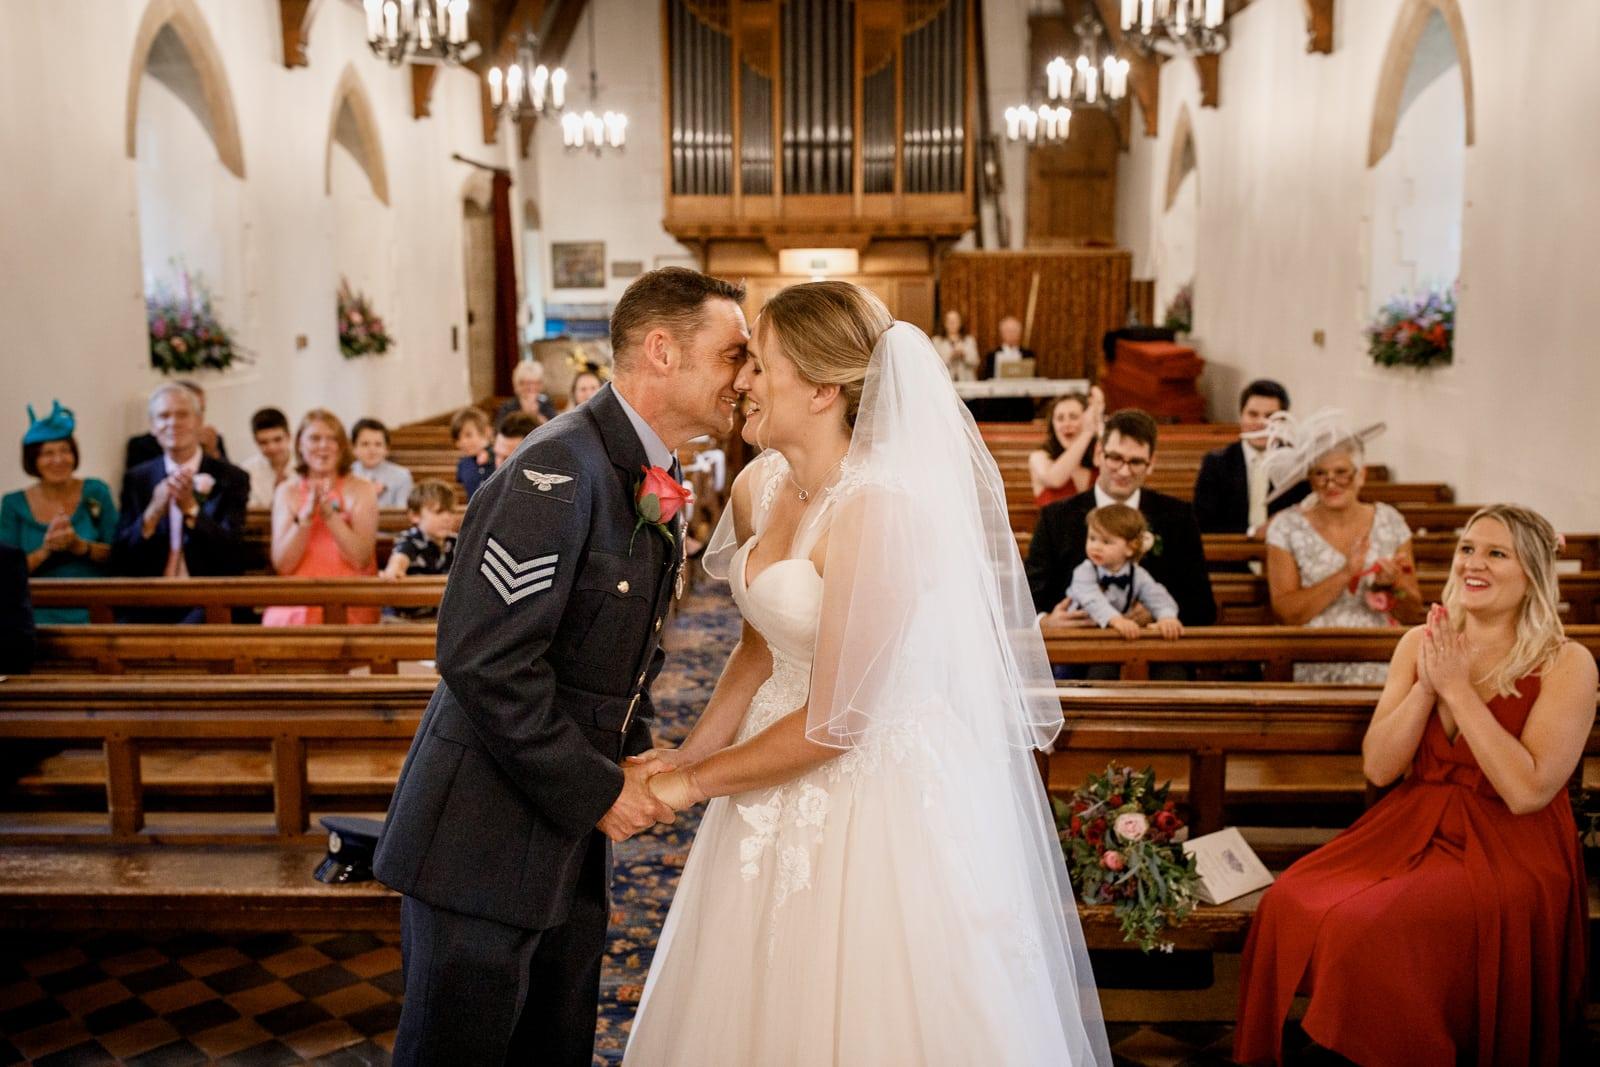 first kiss at all saints church near amersham